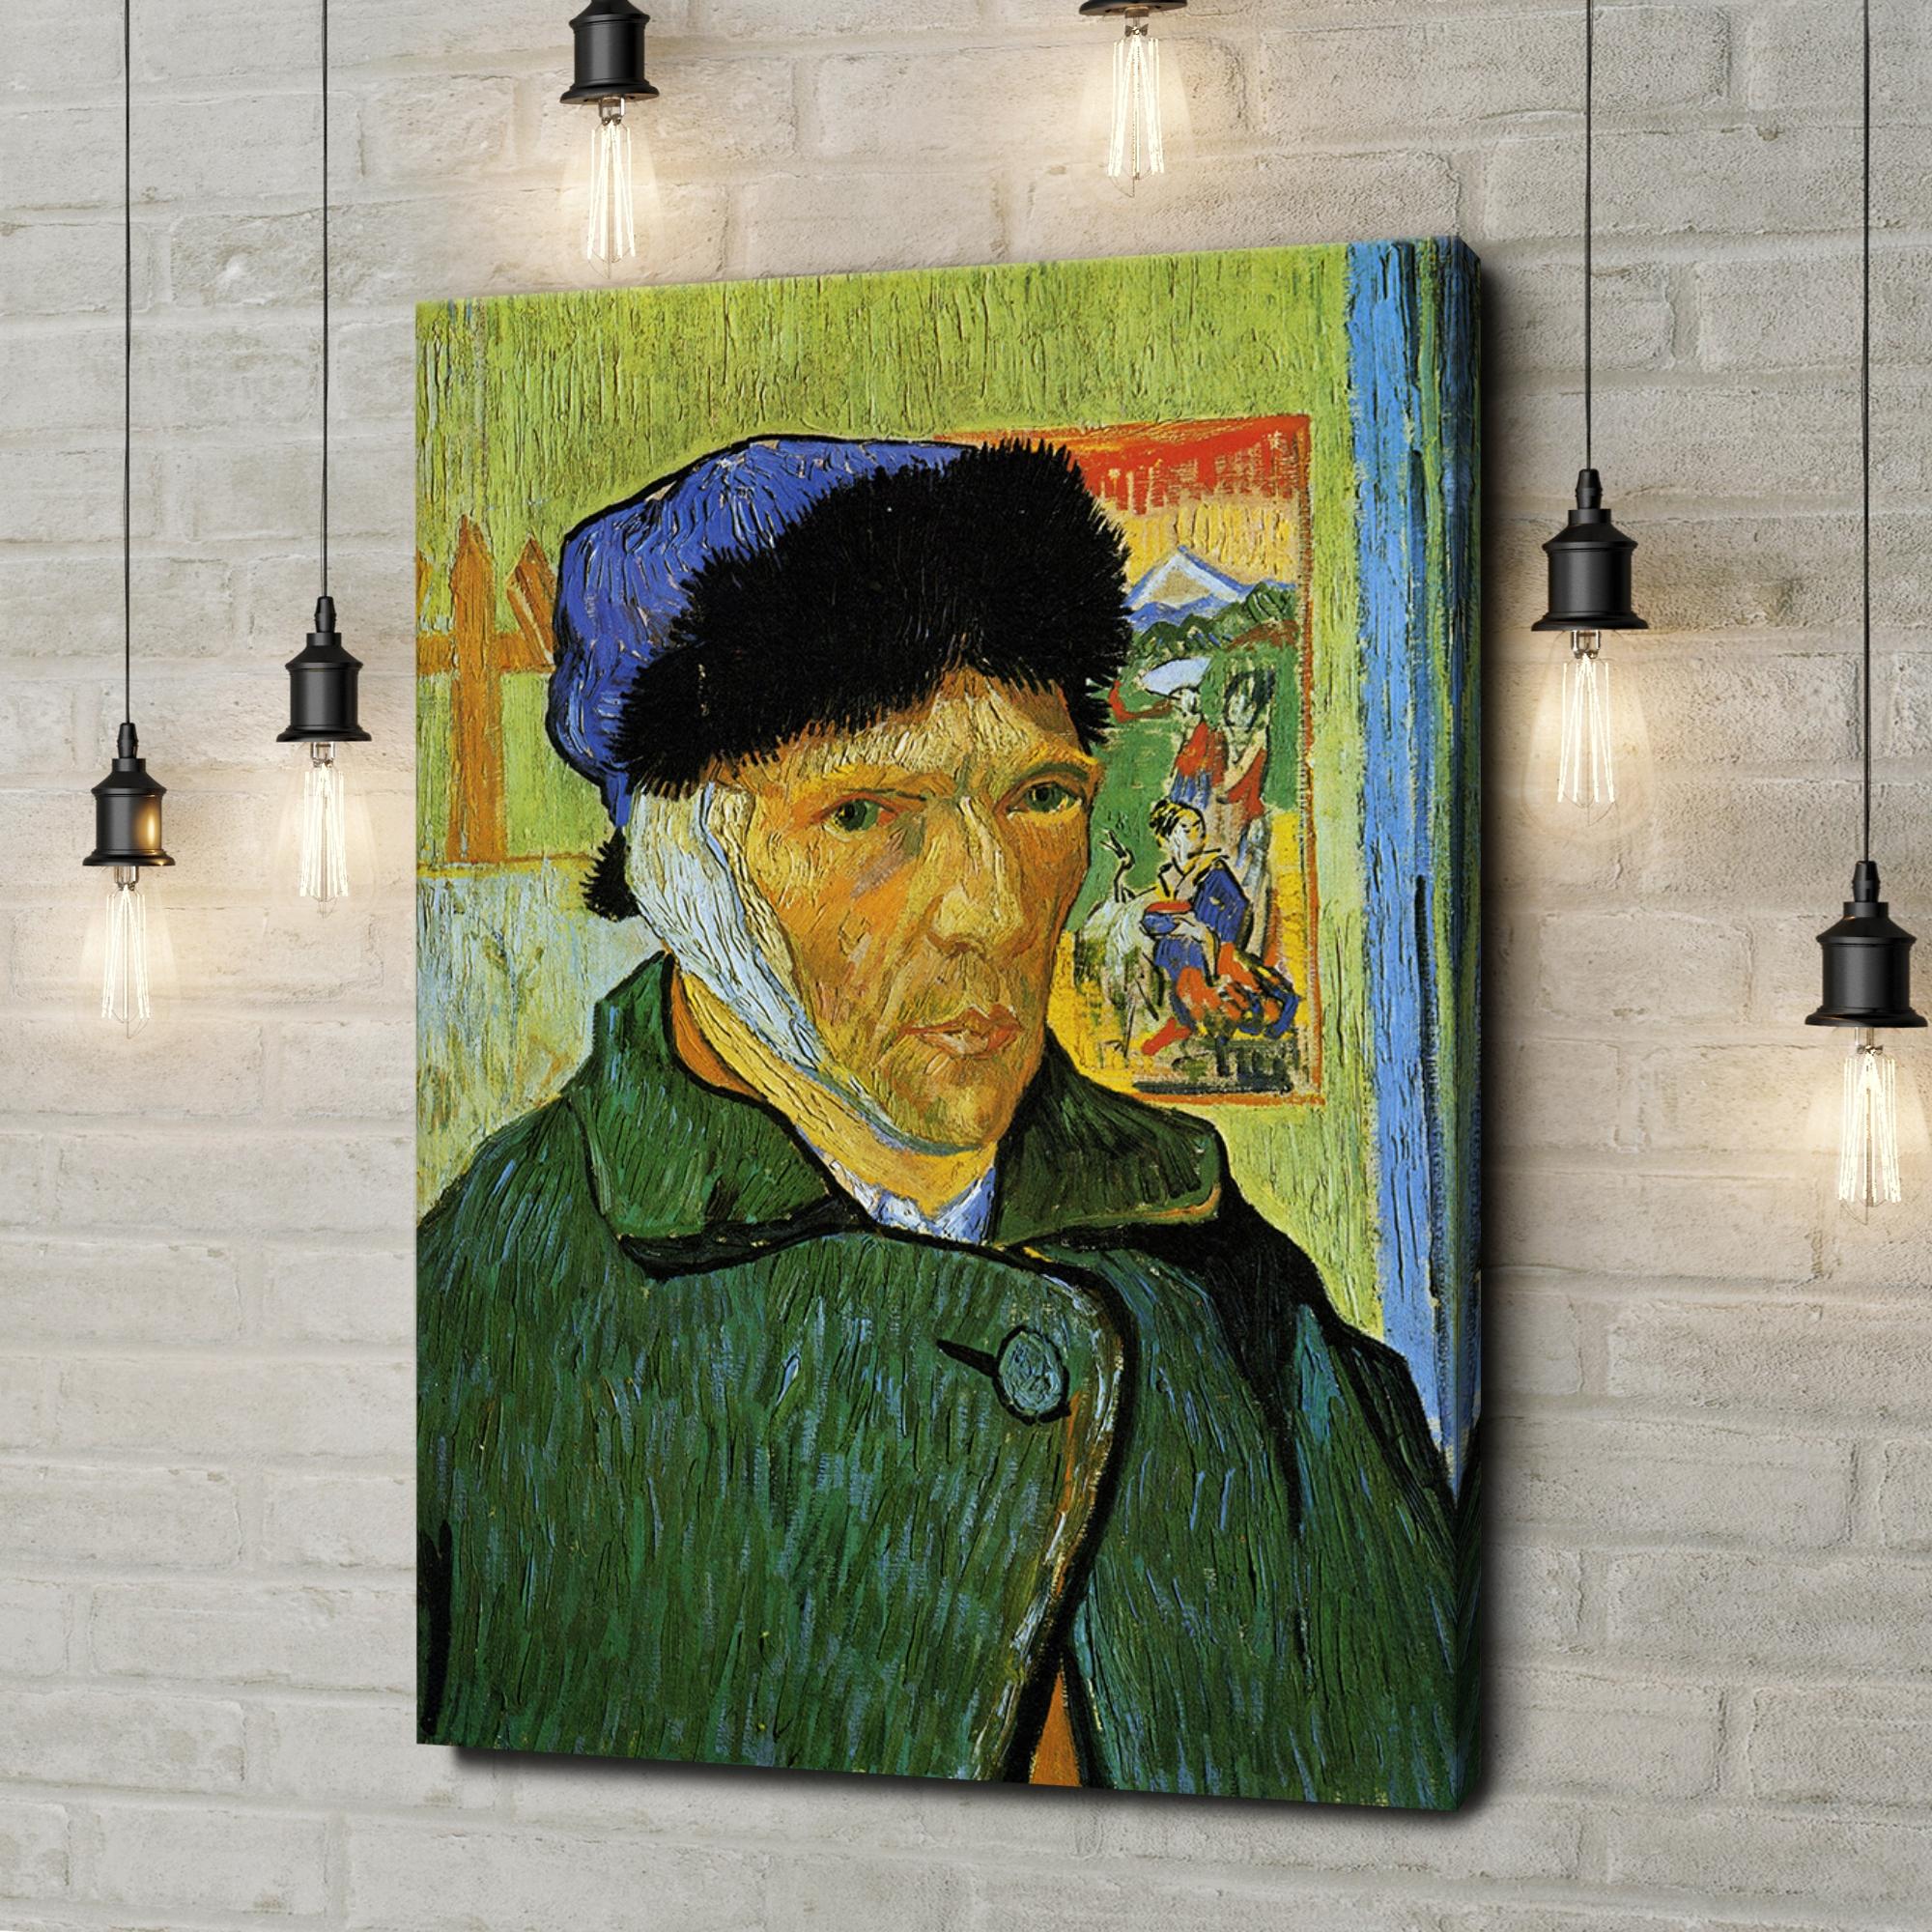 Leinwandbild personalisiert Selbstportrait mit Pelzmütze und verbundenem Ohr